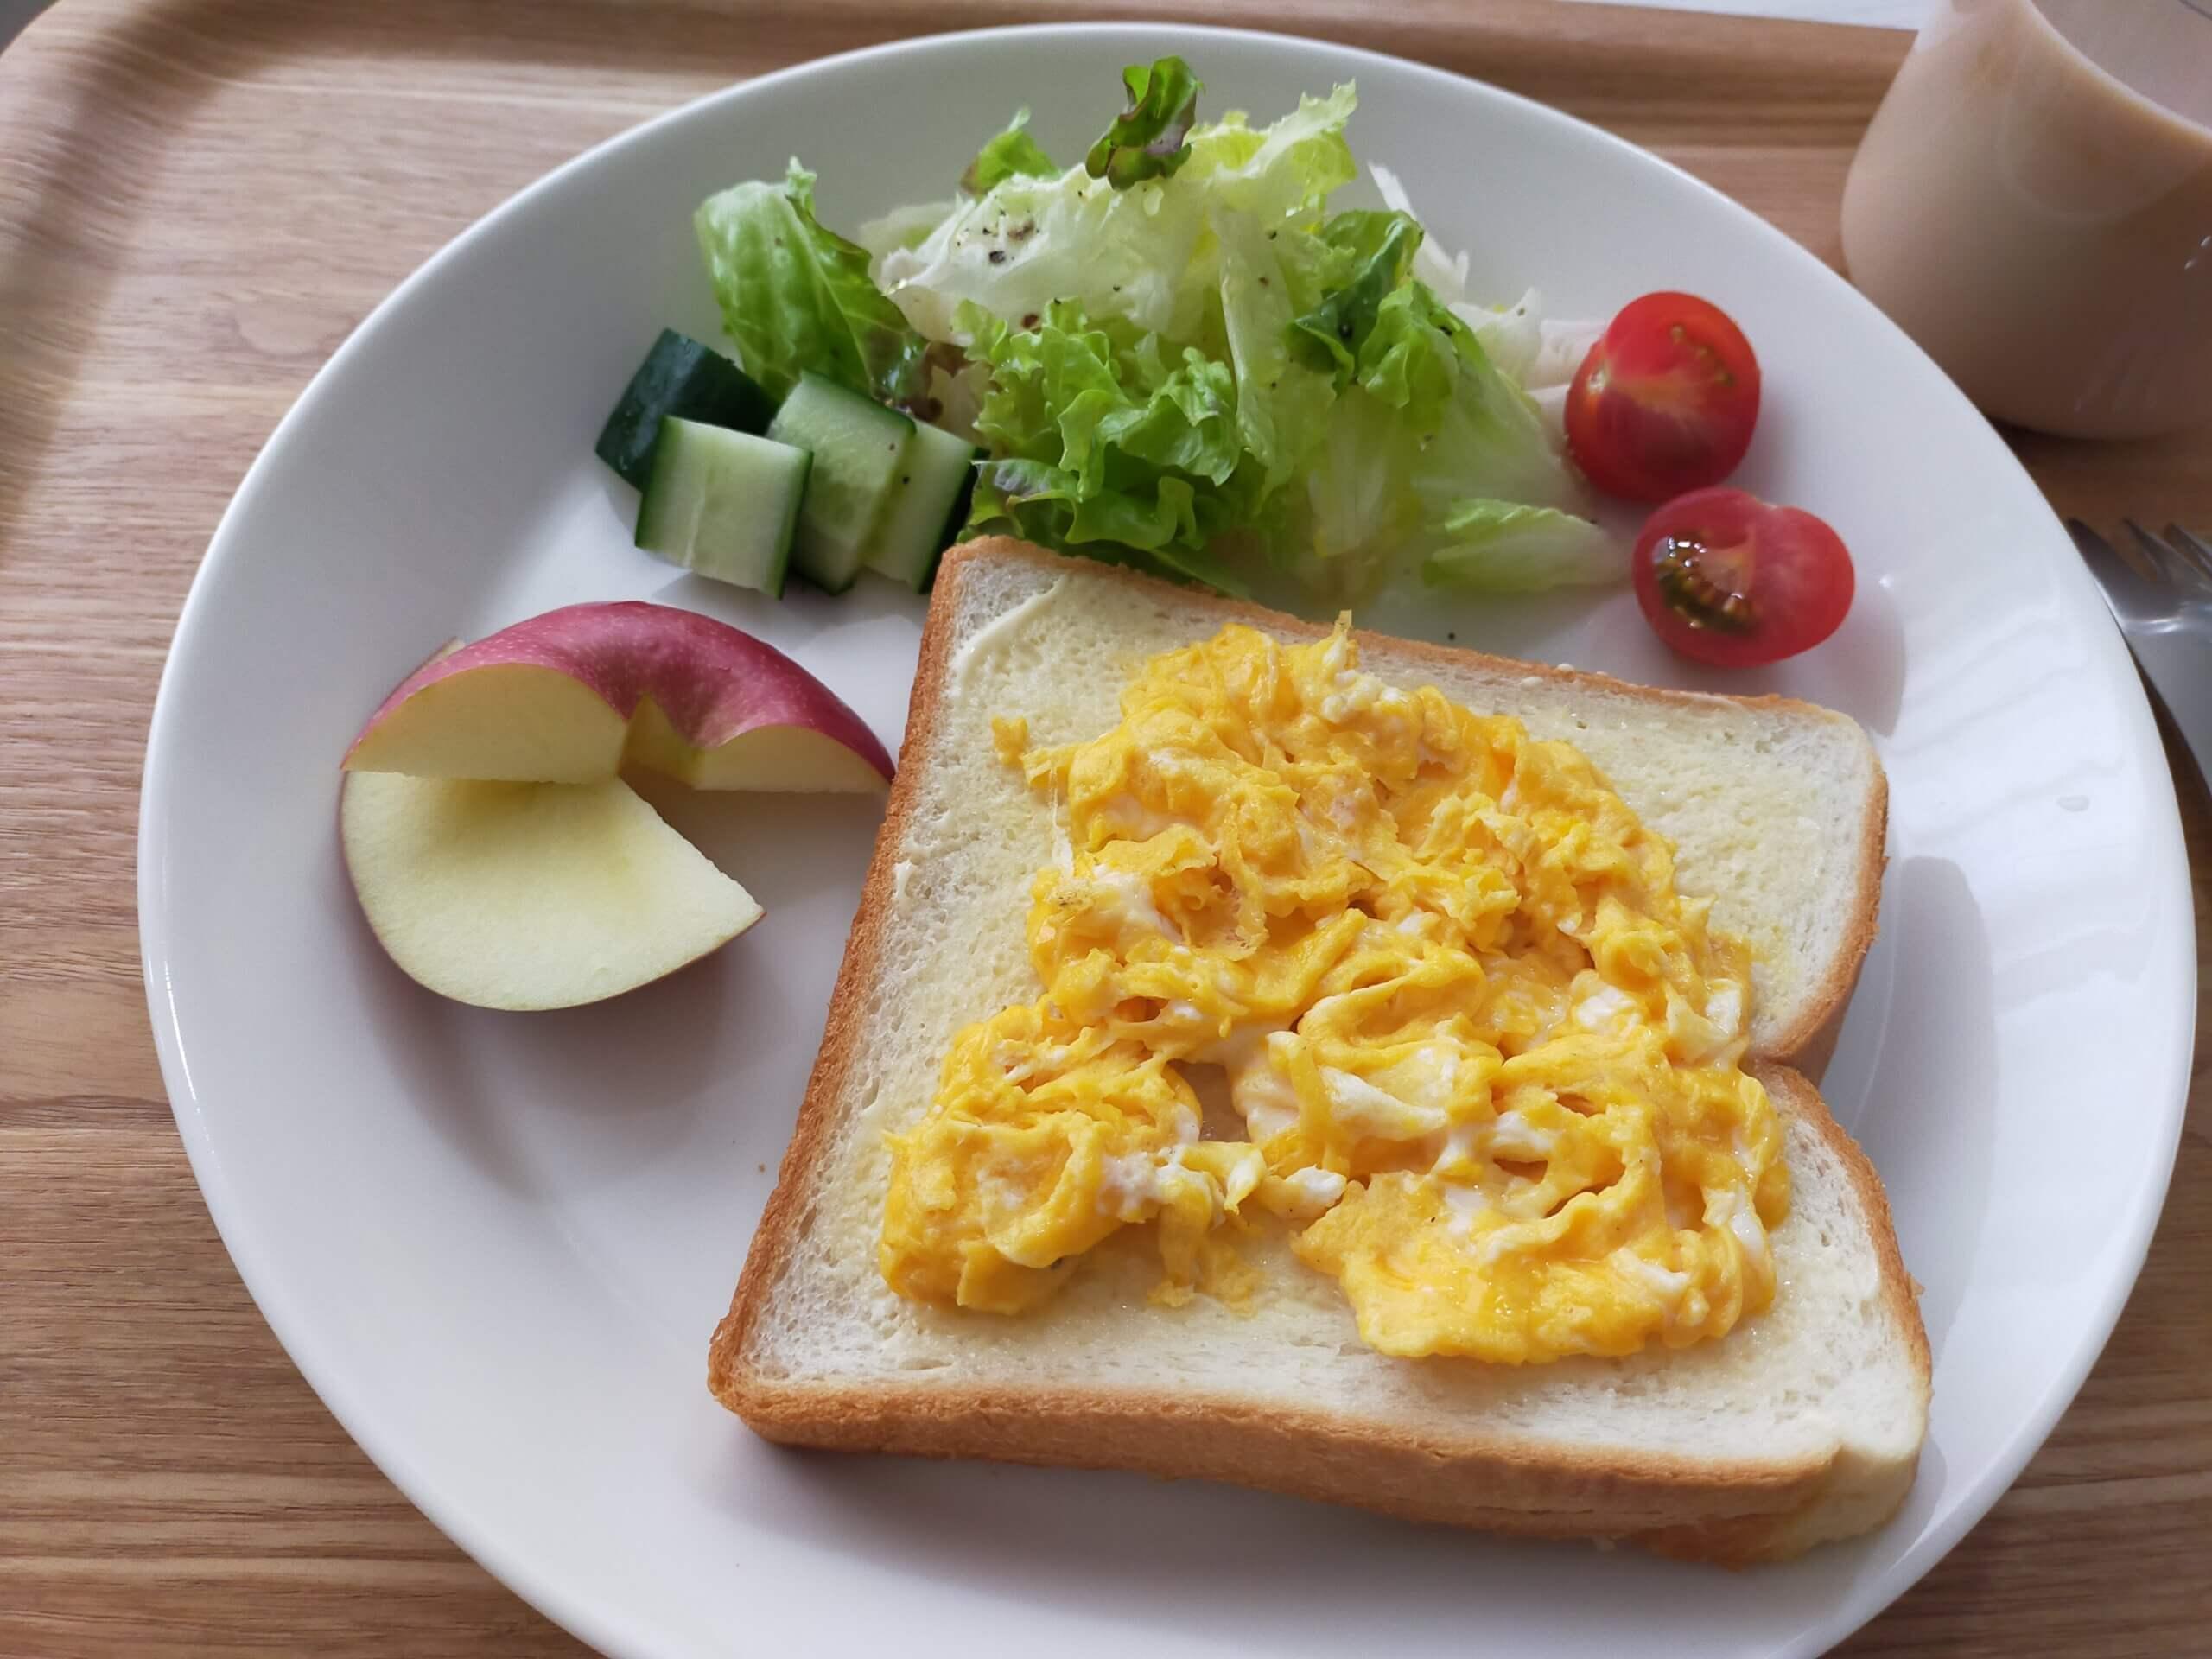 イオンの「やわらか仕込み」食パンでスクランブルエッグのせパン/おでん2日目